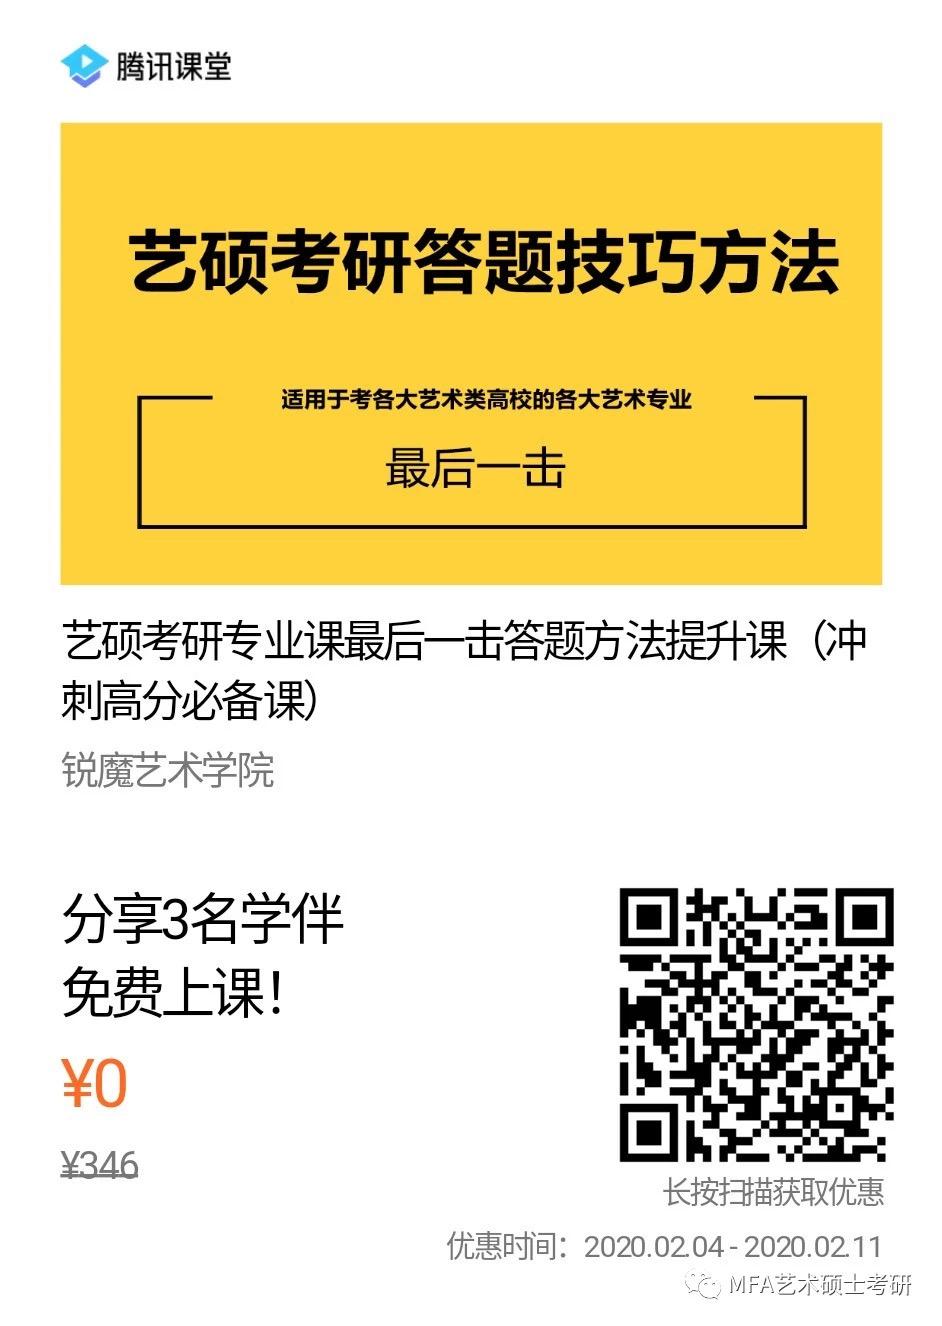 微信图片_20200210210518